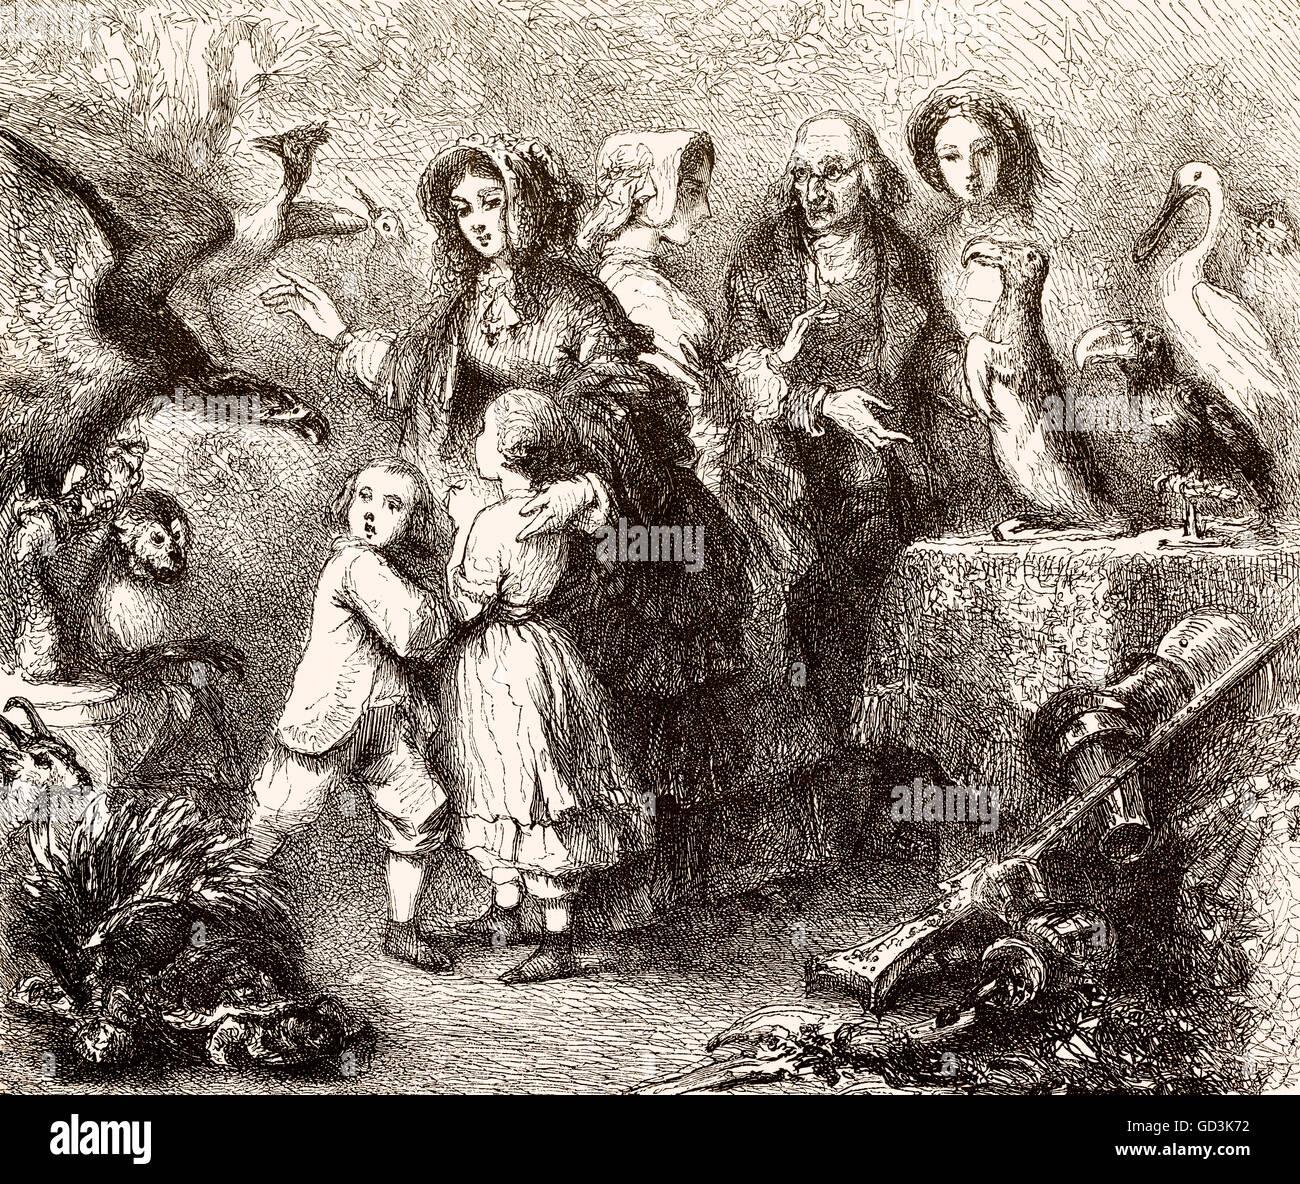 Lección de biología con niños, del siglo XIX. Imagen De Stock